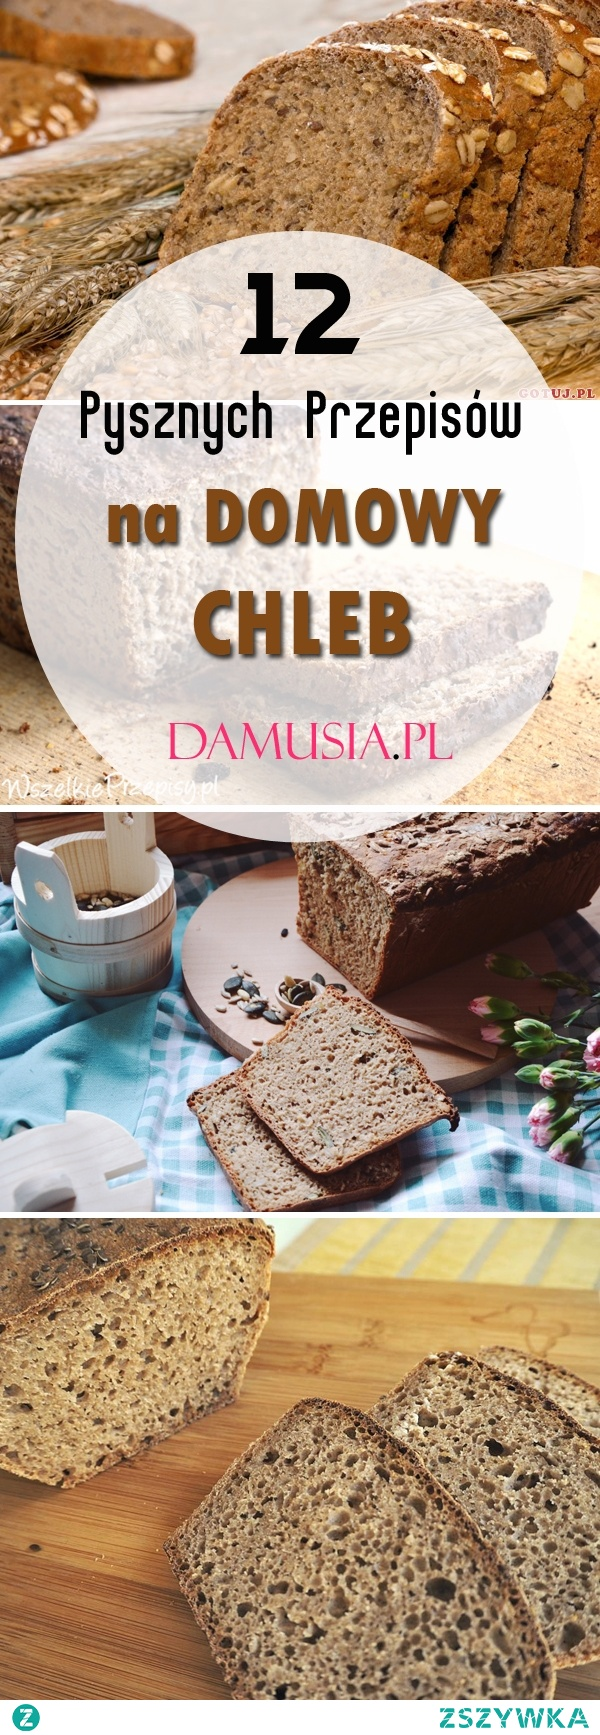 Jak Upiec Pyszny Chleb: TOP 12 Przepisów na Domowy Chleb